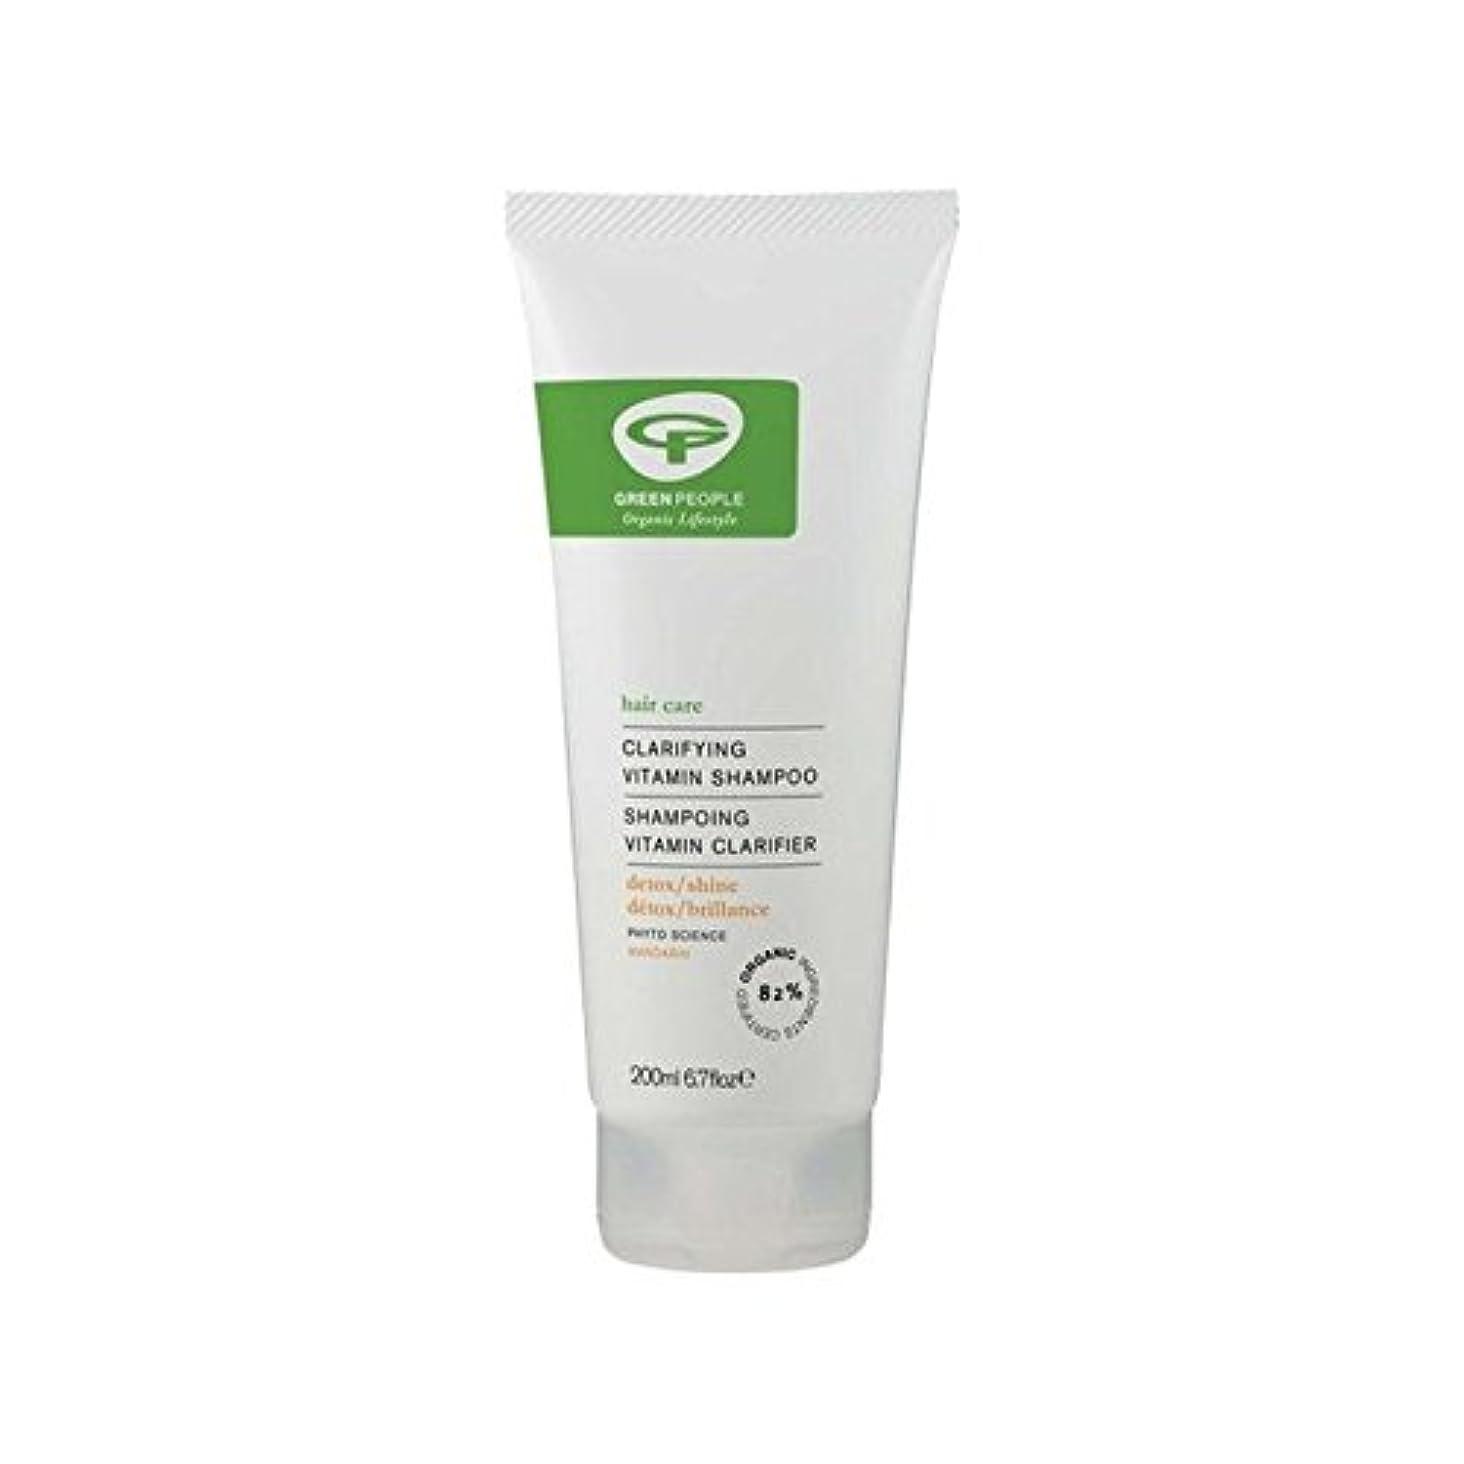 叙情的な並外れて入場Green People Vitamin Shampoo (200ml) (Pack of 6) - 緑の人々のビタミンシャンプー(200ミリリットル) x6 [並行輸入品]